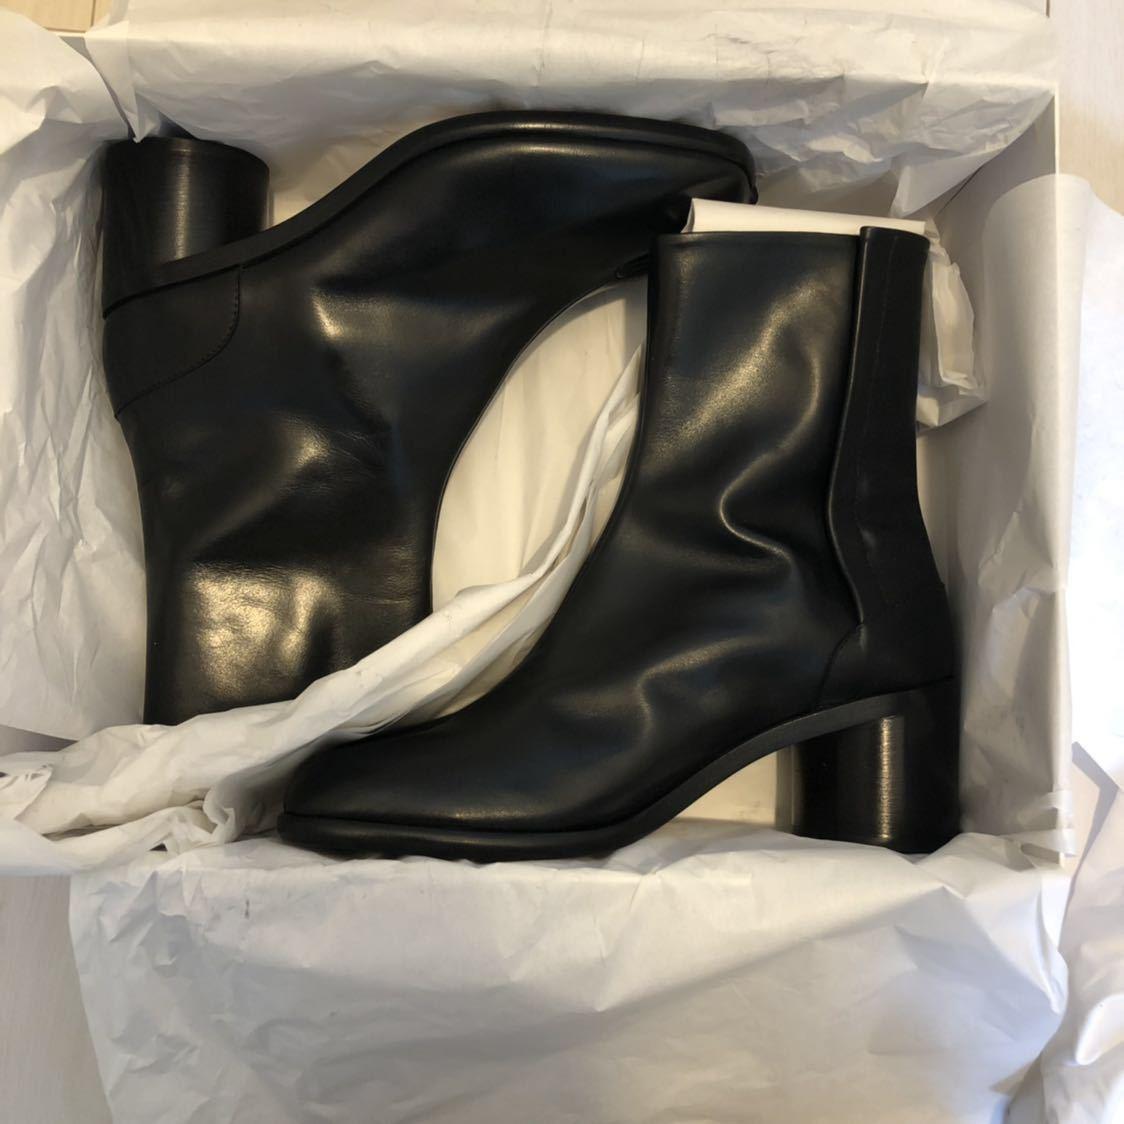 [41] 19SS 確実正規品 Maison Margiela Tabi boots メゾンマルジェラ タビブーツ 足袋ブーツ マルタンマルジェラ タビ 足袋 26㎝_画像4